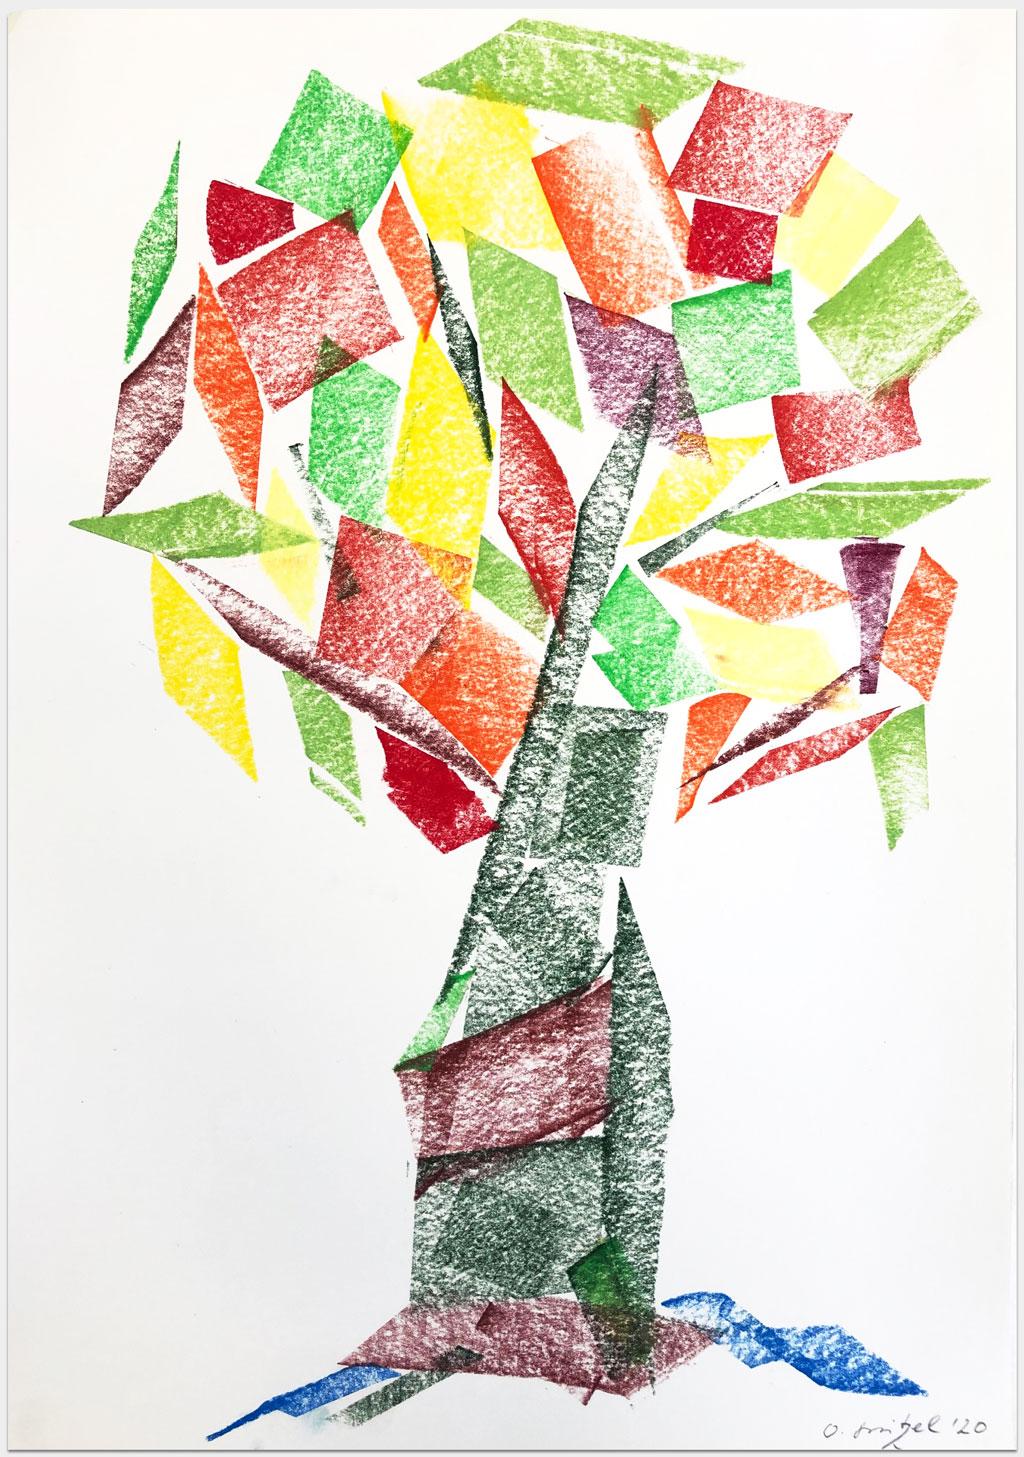 """Stritzel Oliver, Schauspieler, """"Ohne Titel"""", 42x30 cm, Pastell auf Papier, handsigniert"""